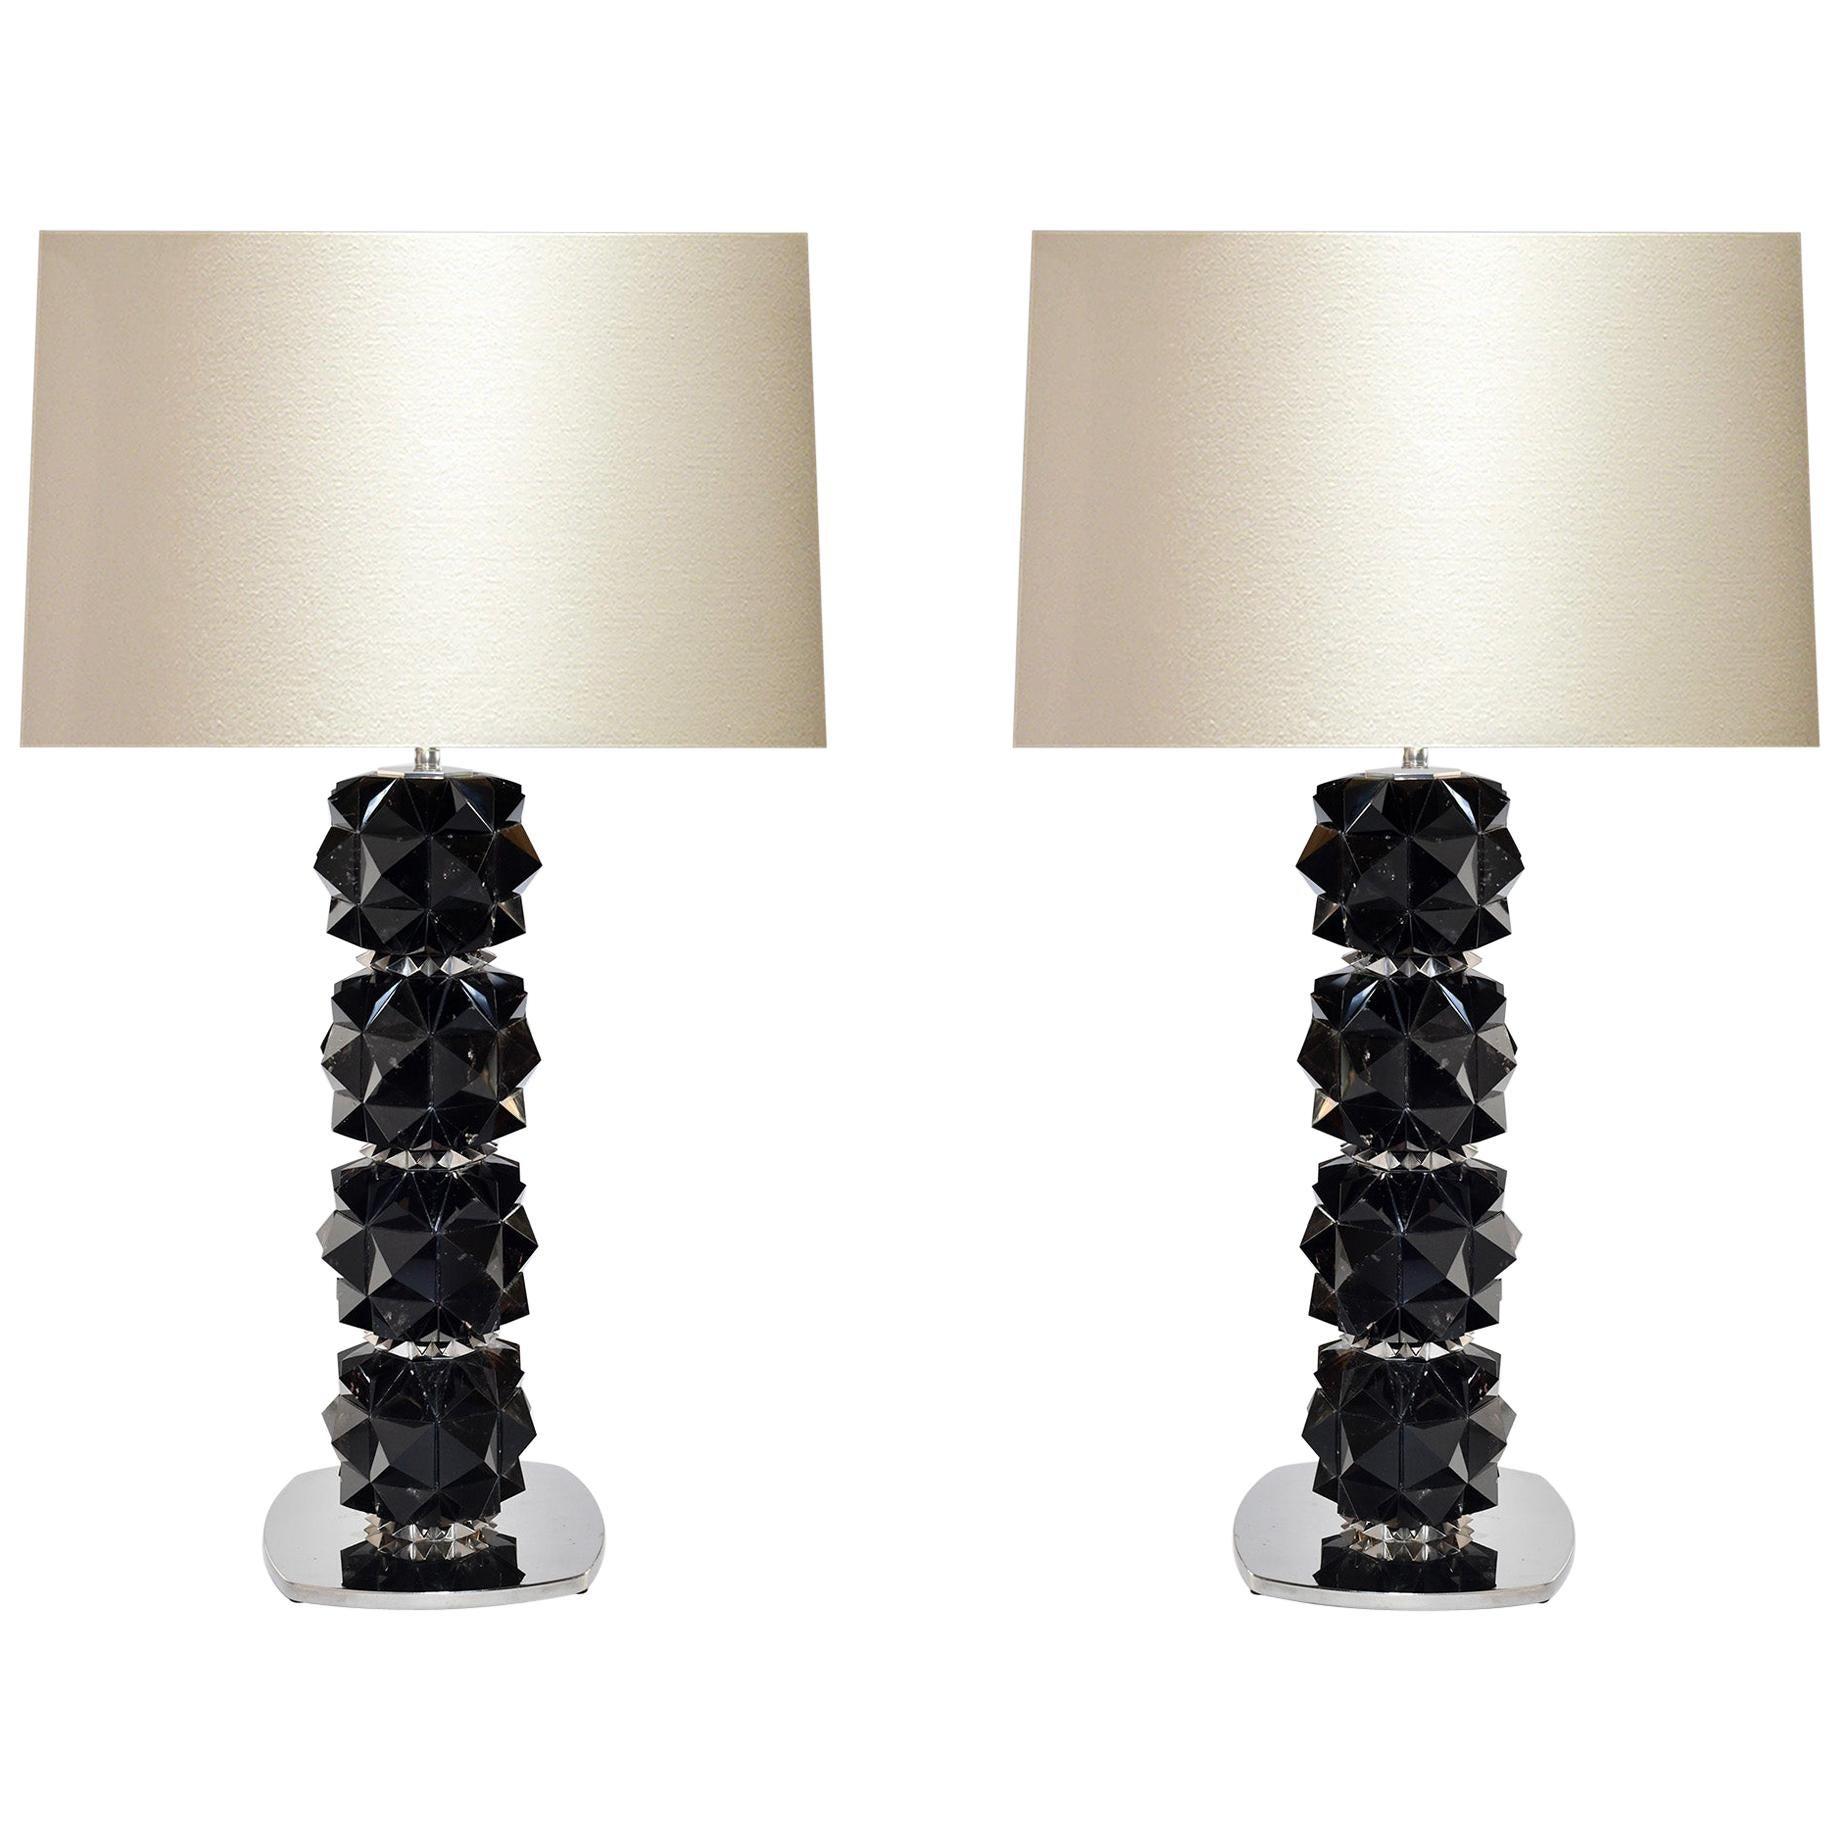 FDN I Rock Crystal Lamps by Phoenix